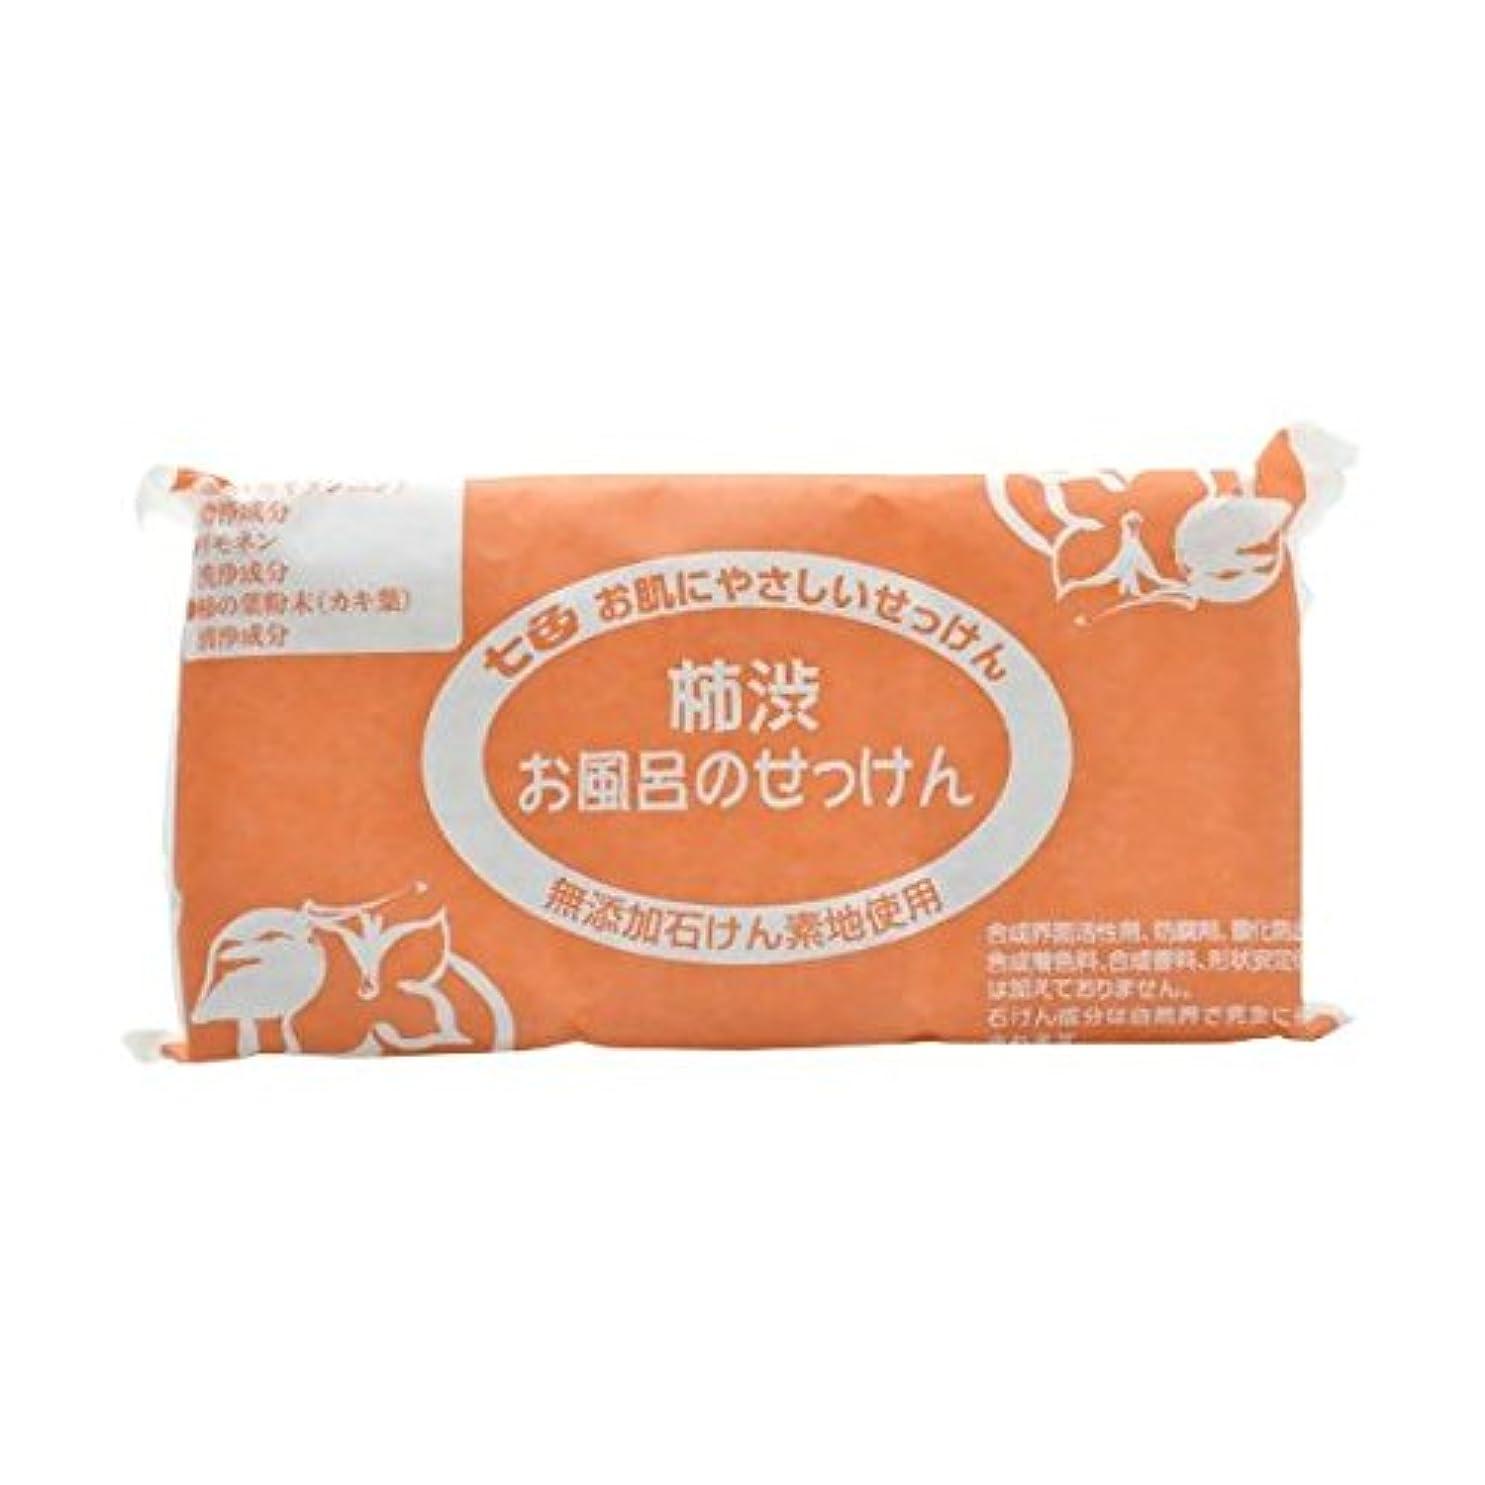 小屋区画ジャーナル(まとめ買い)七色 お風呂のせっけん 柿渋(無添加石鹸) 100g×3個入×9セット